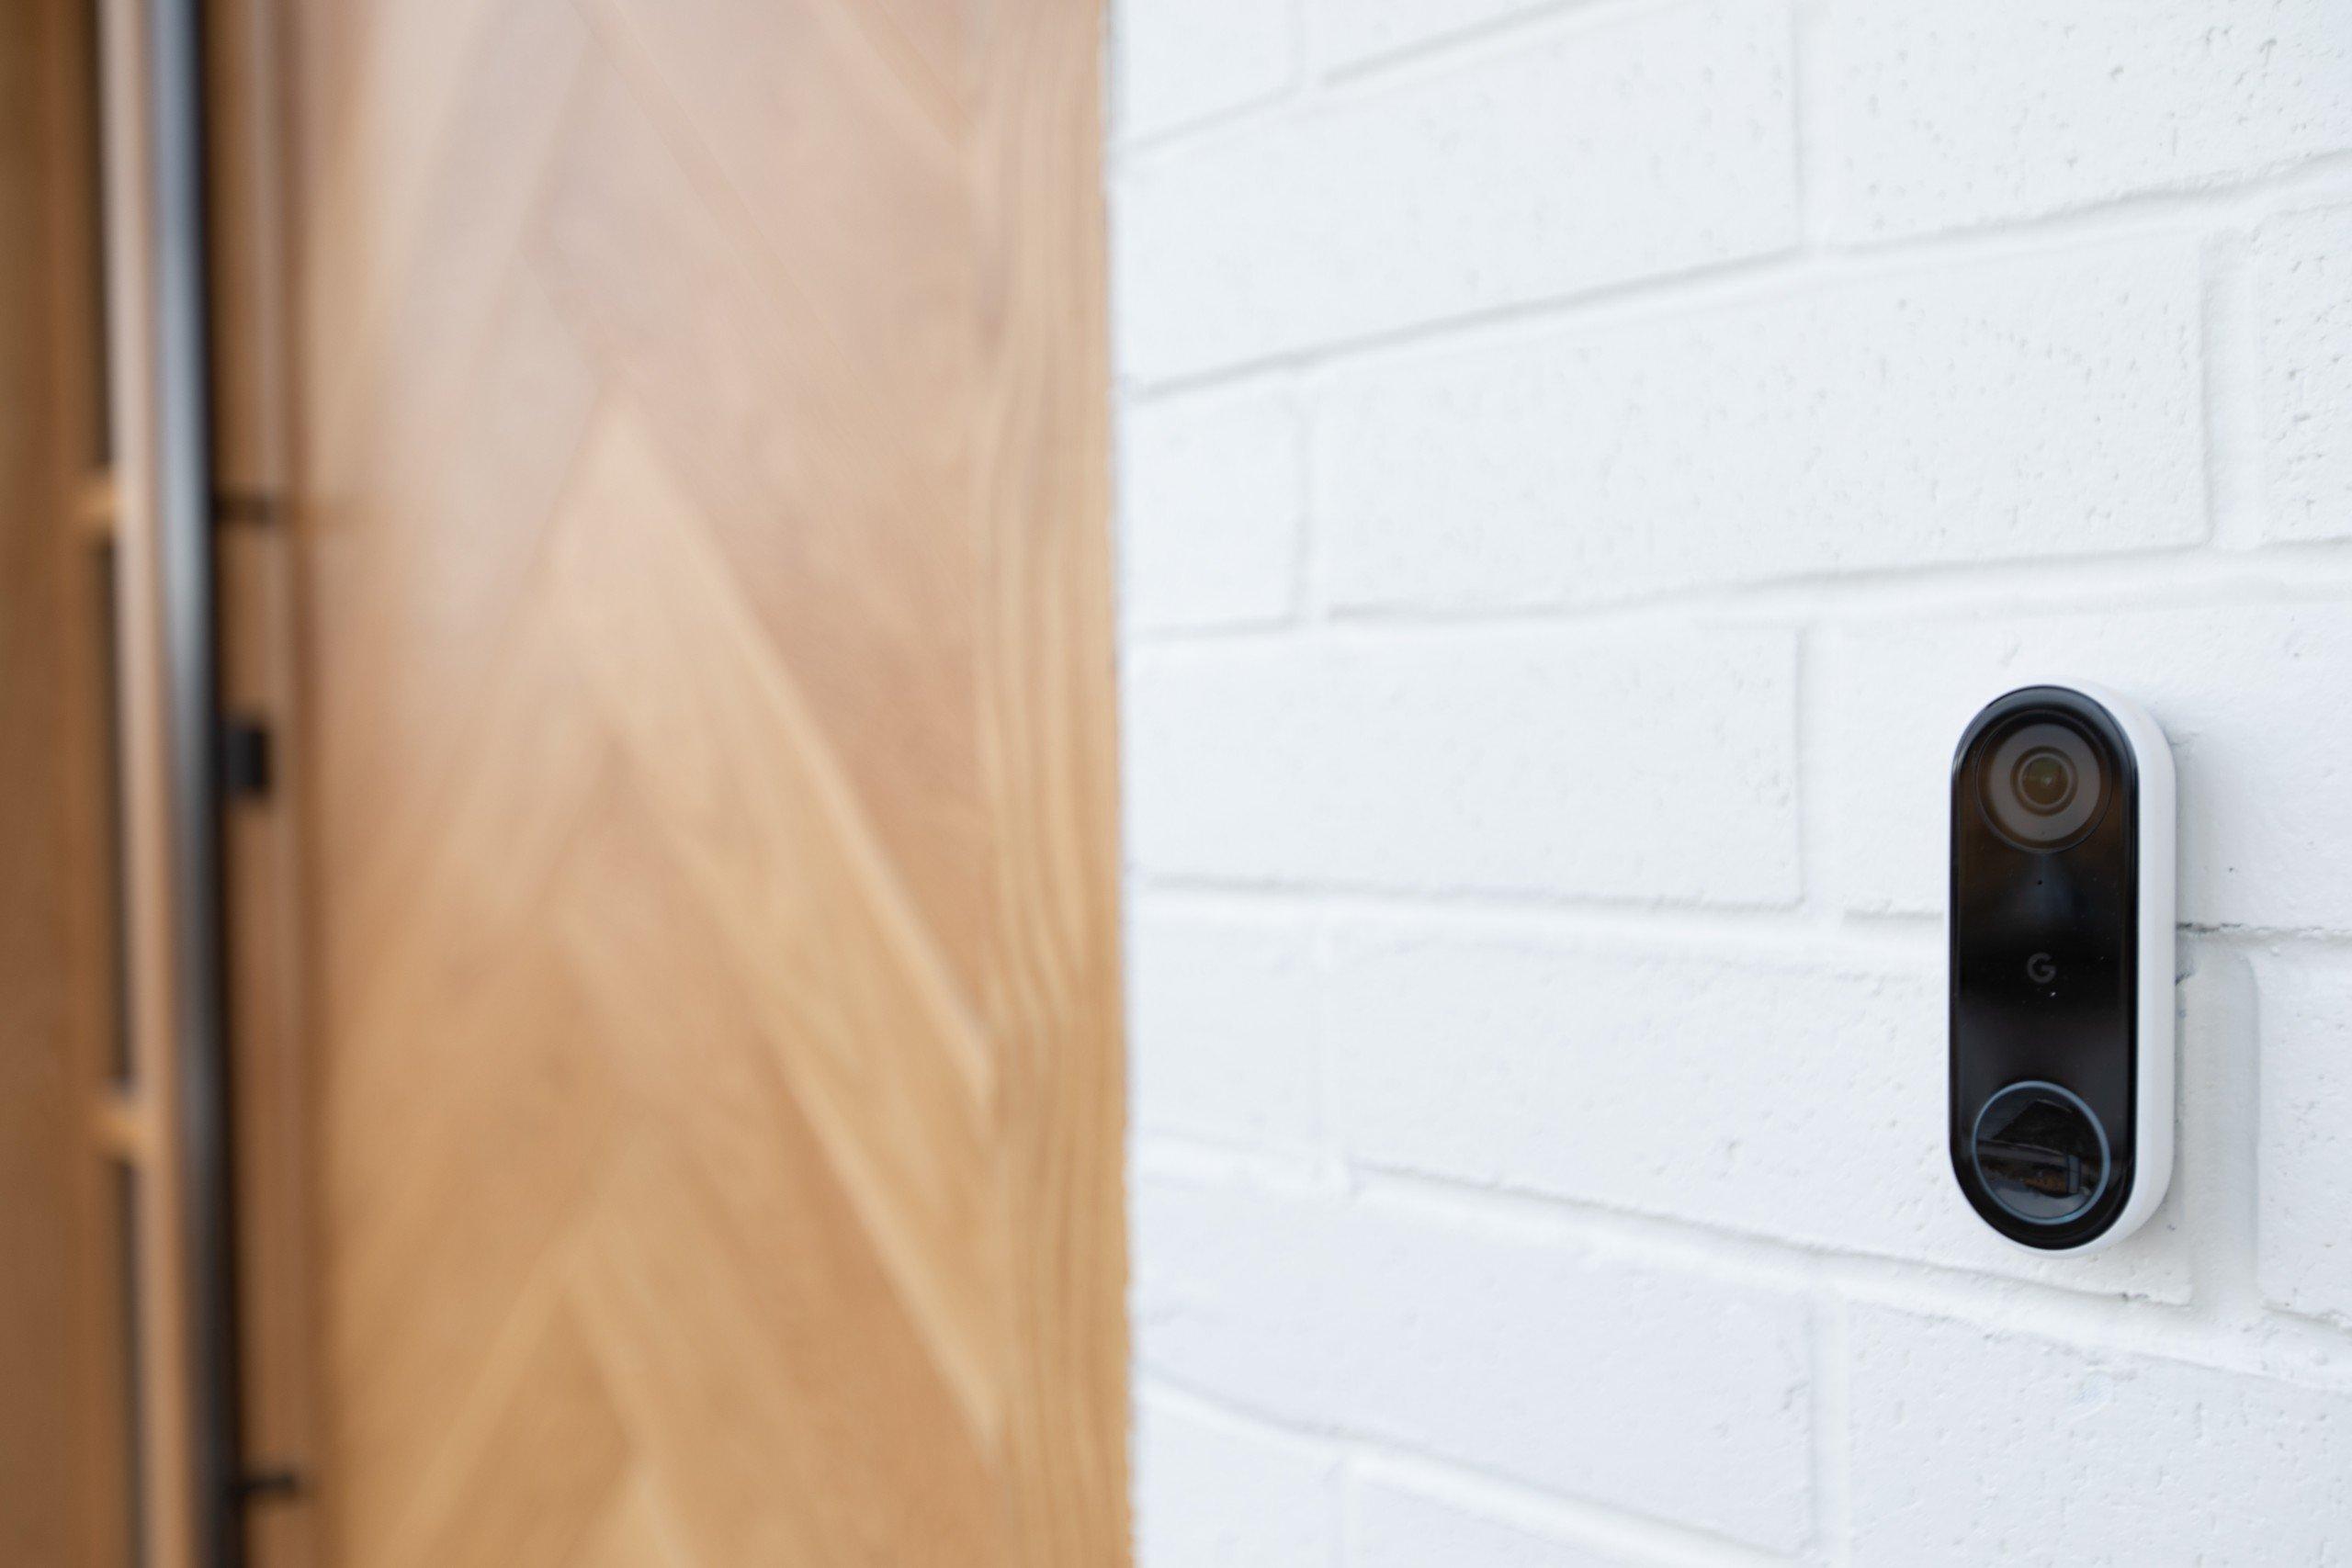 Google Doorbell